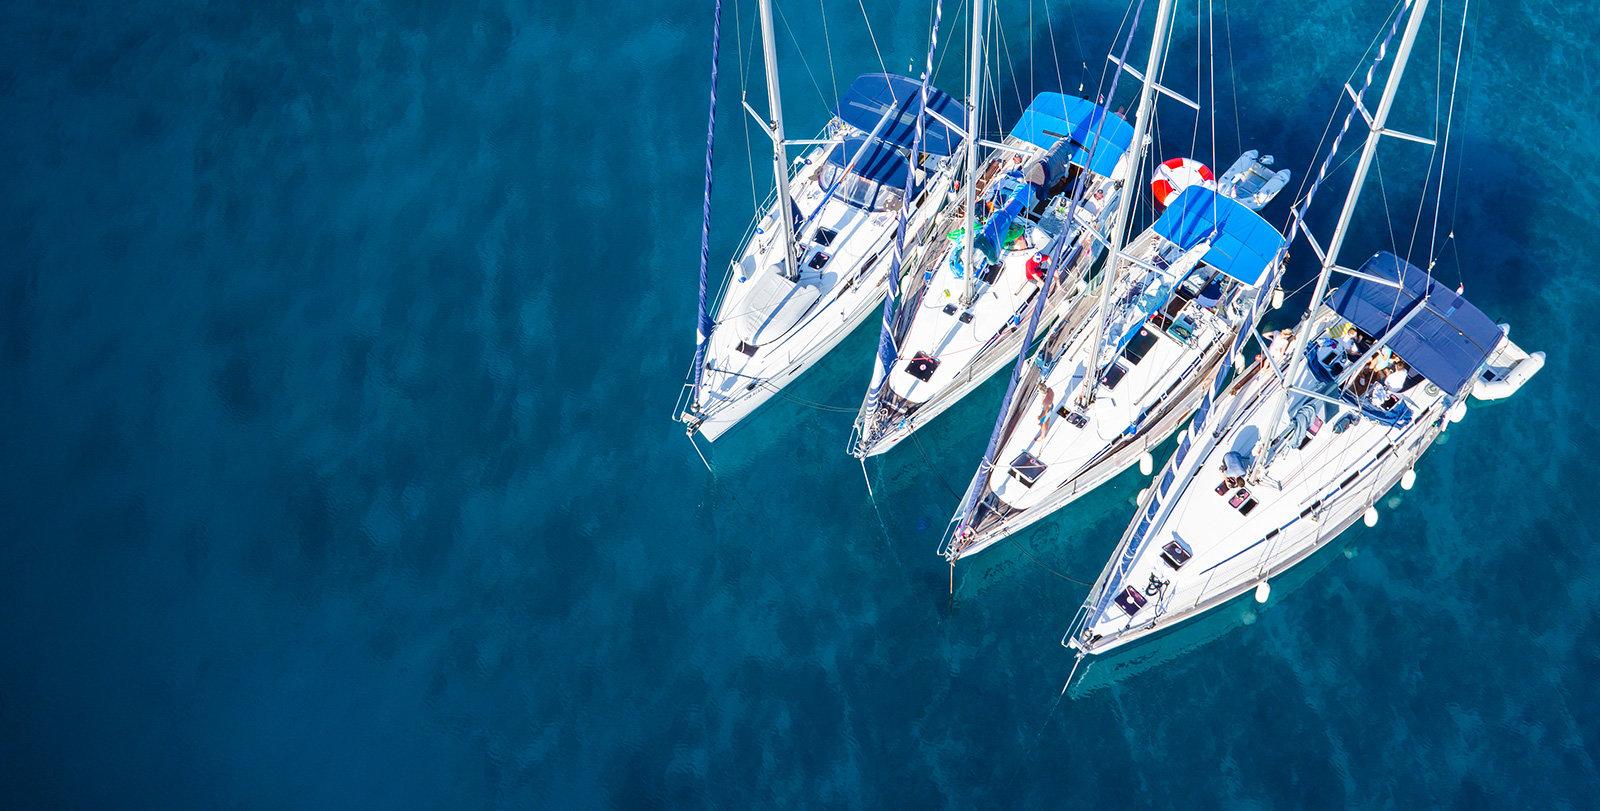 sailsquare_3